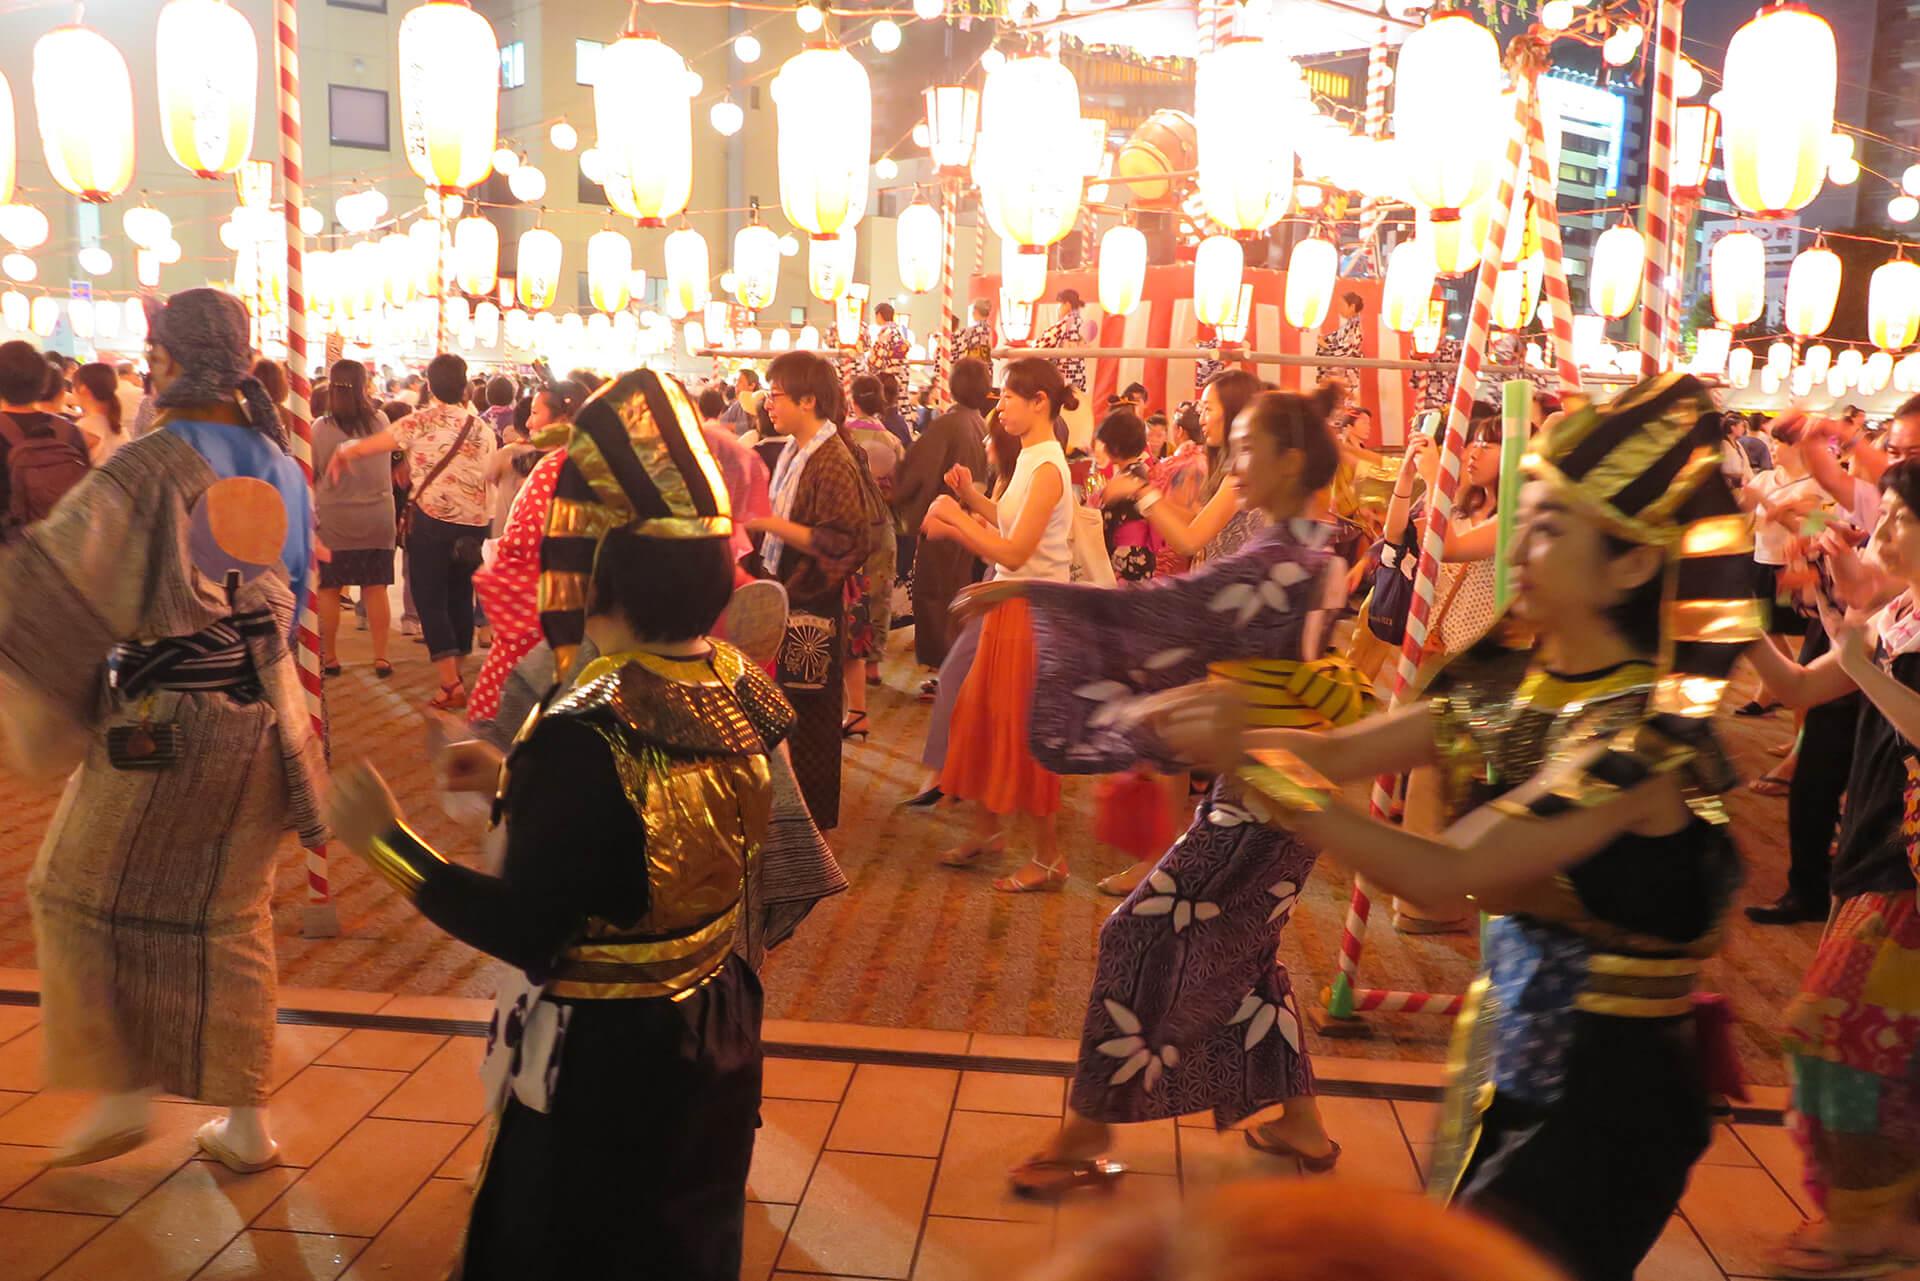 この写真は、築地本願寺『納涼盆踊り大会』のイメージ。盆踊りに興じる客